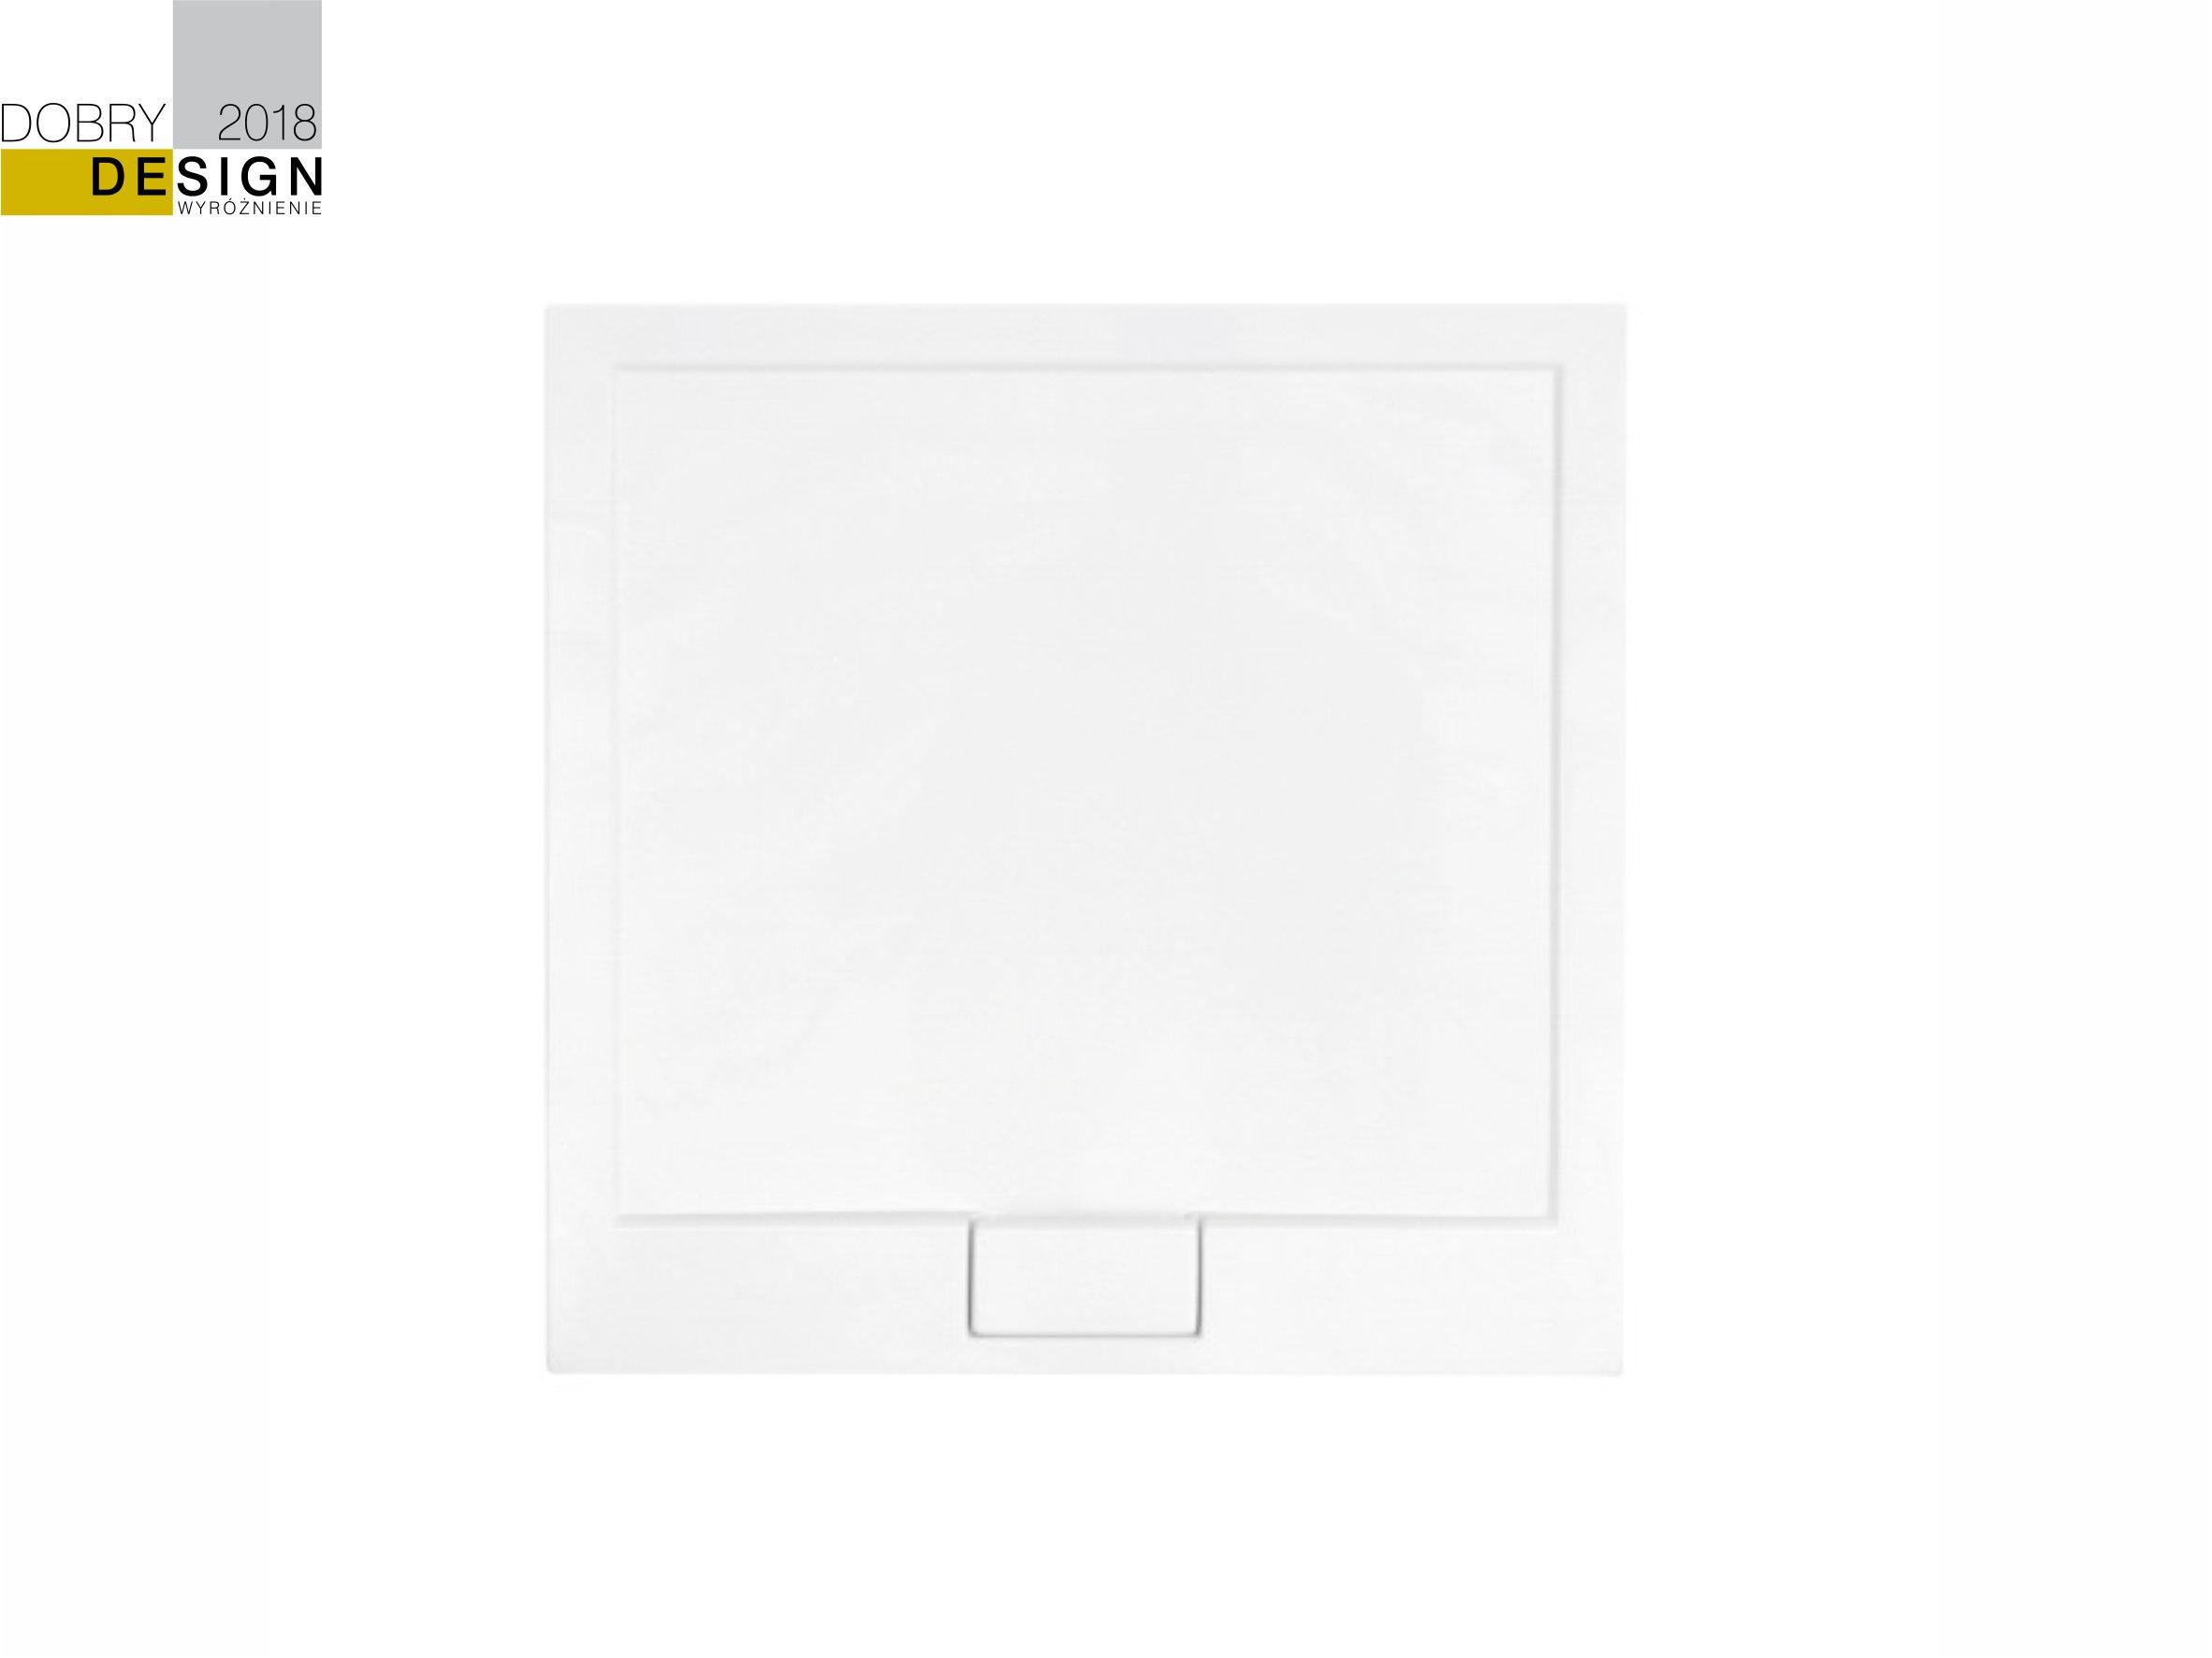 Zdjęcie Brodzik kwadratowy Besco Axim Ultraslim Kwadratowy 90 biały 90x90x4.5 BAX-90-NR